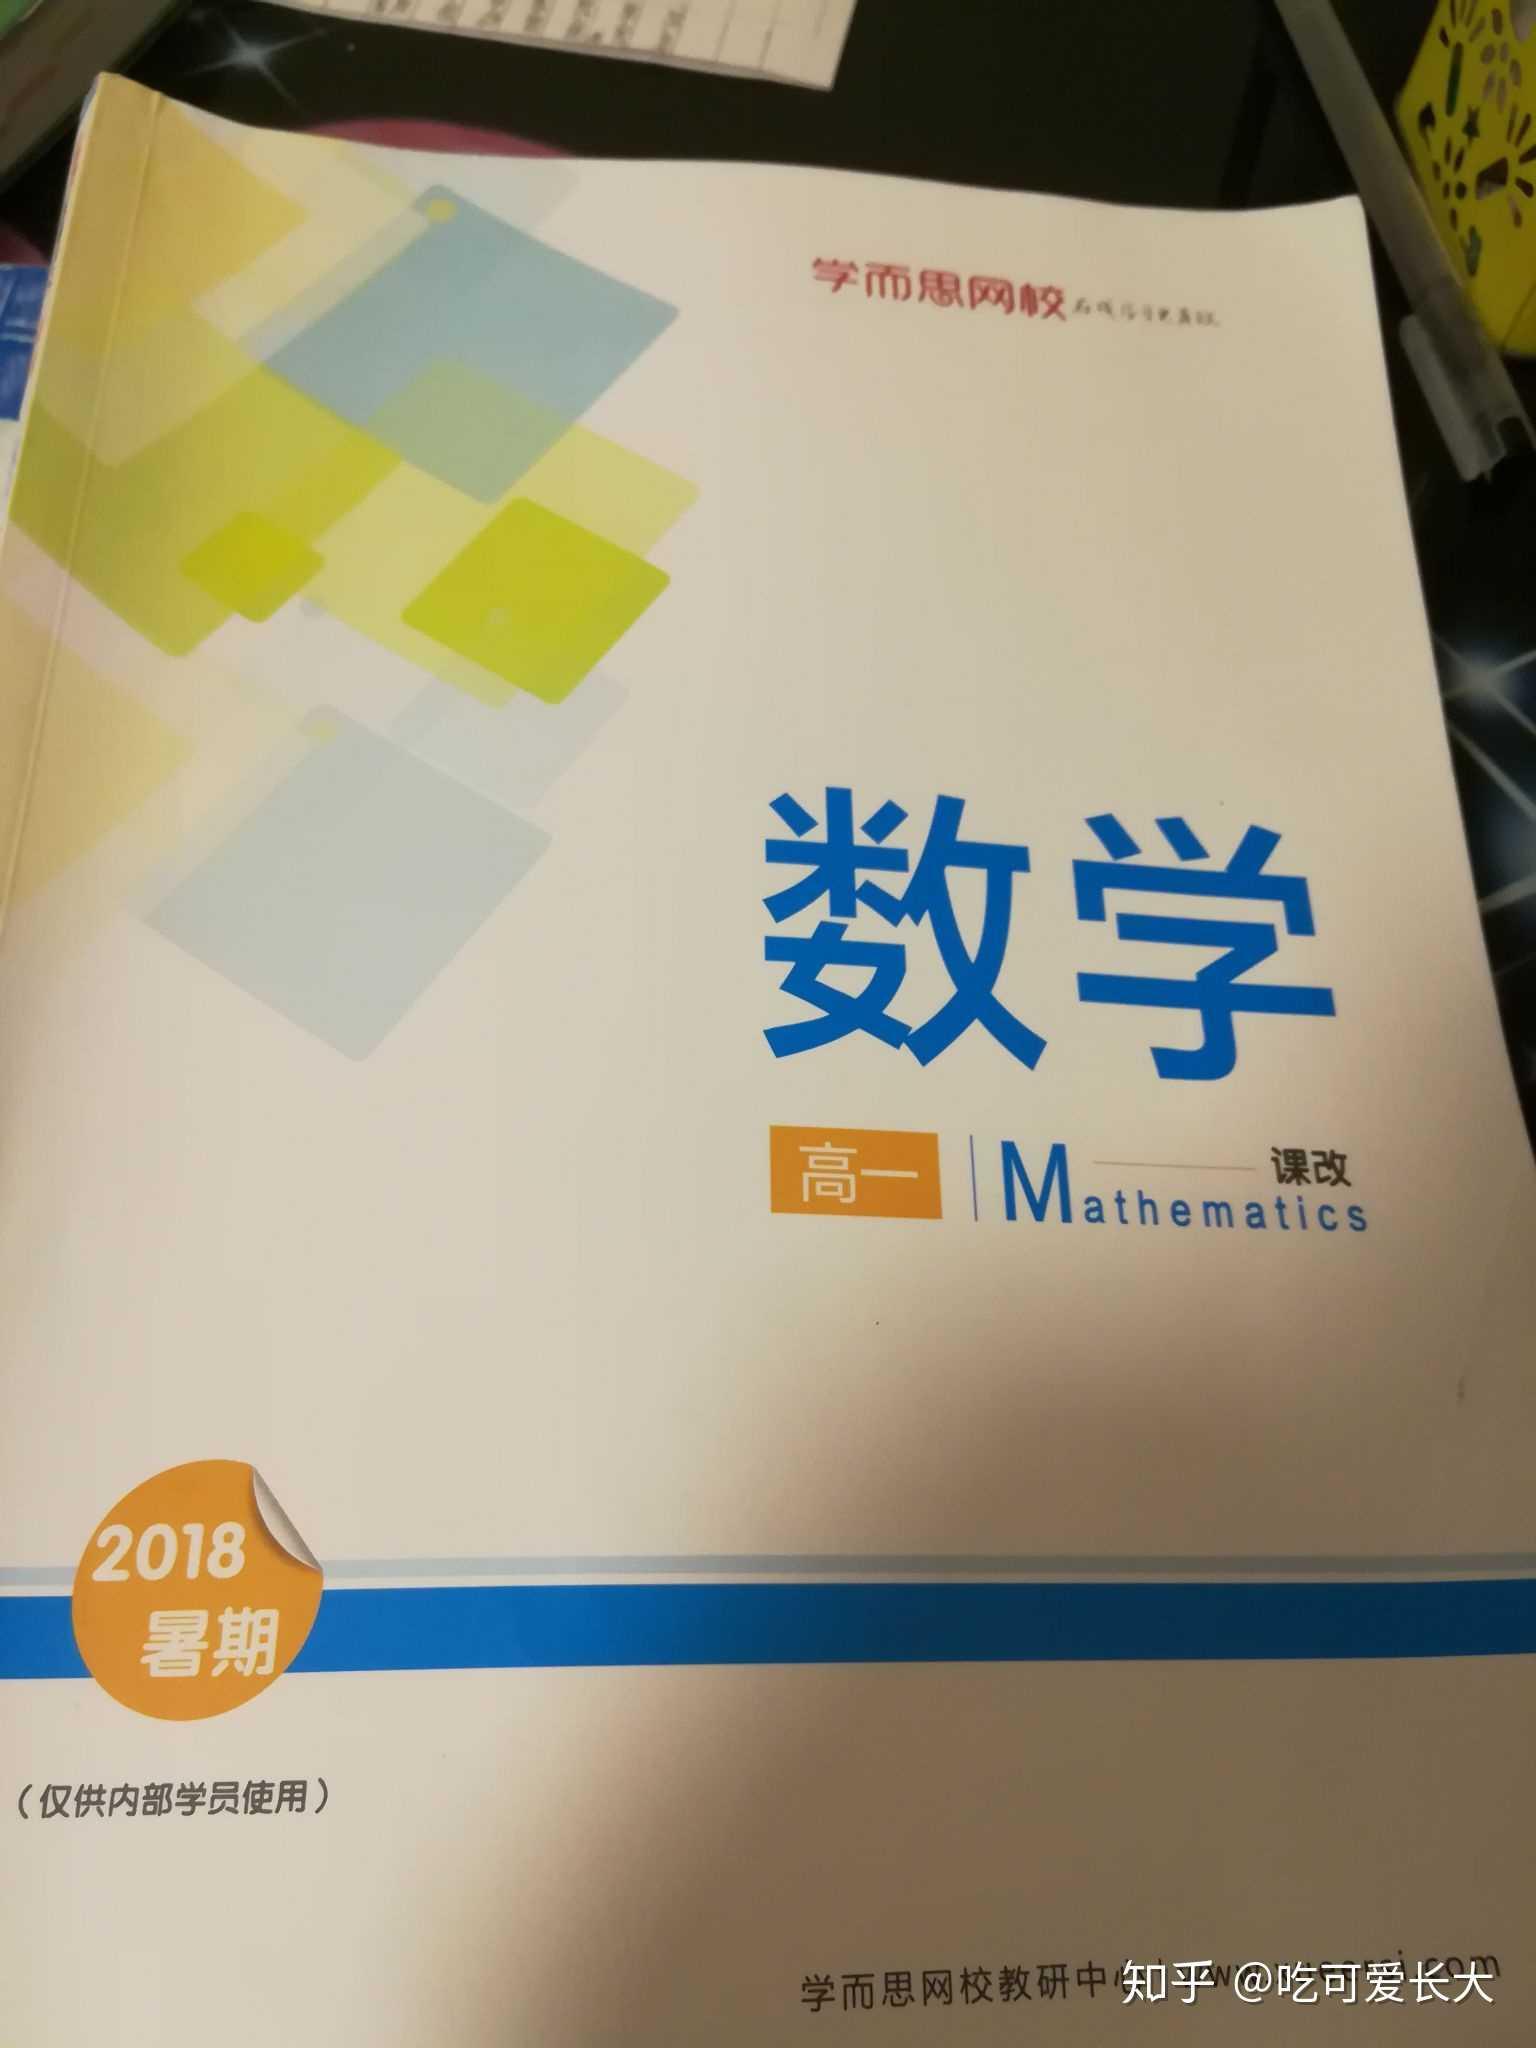 师大毕业进五年一贯制初中报考专升本数学基础上松江大专初中图片